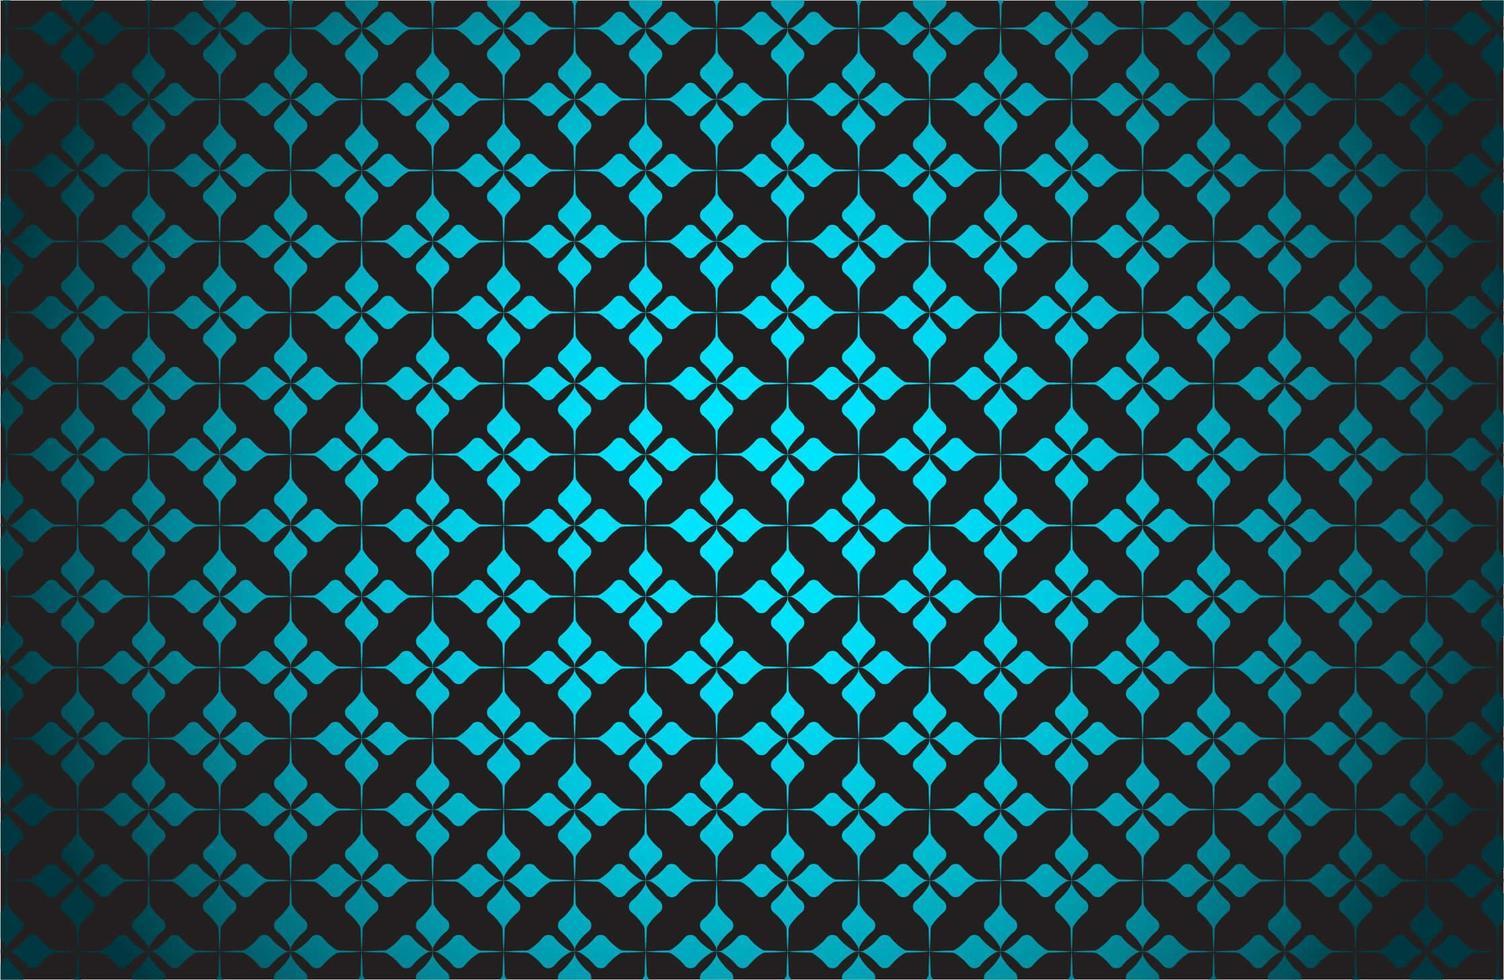 motif d'étoile bleu brillant sur fond noir vecteur